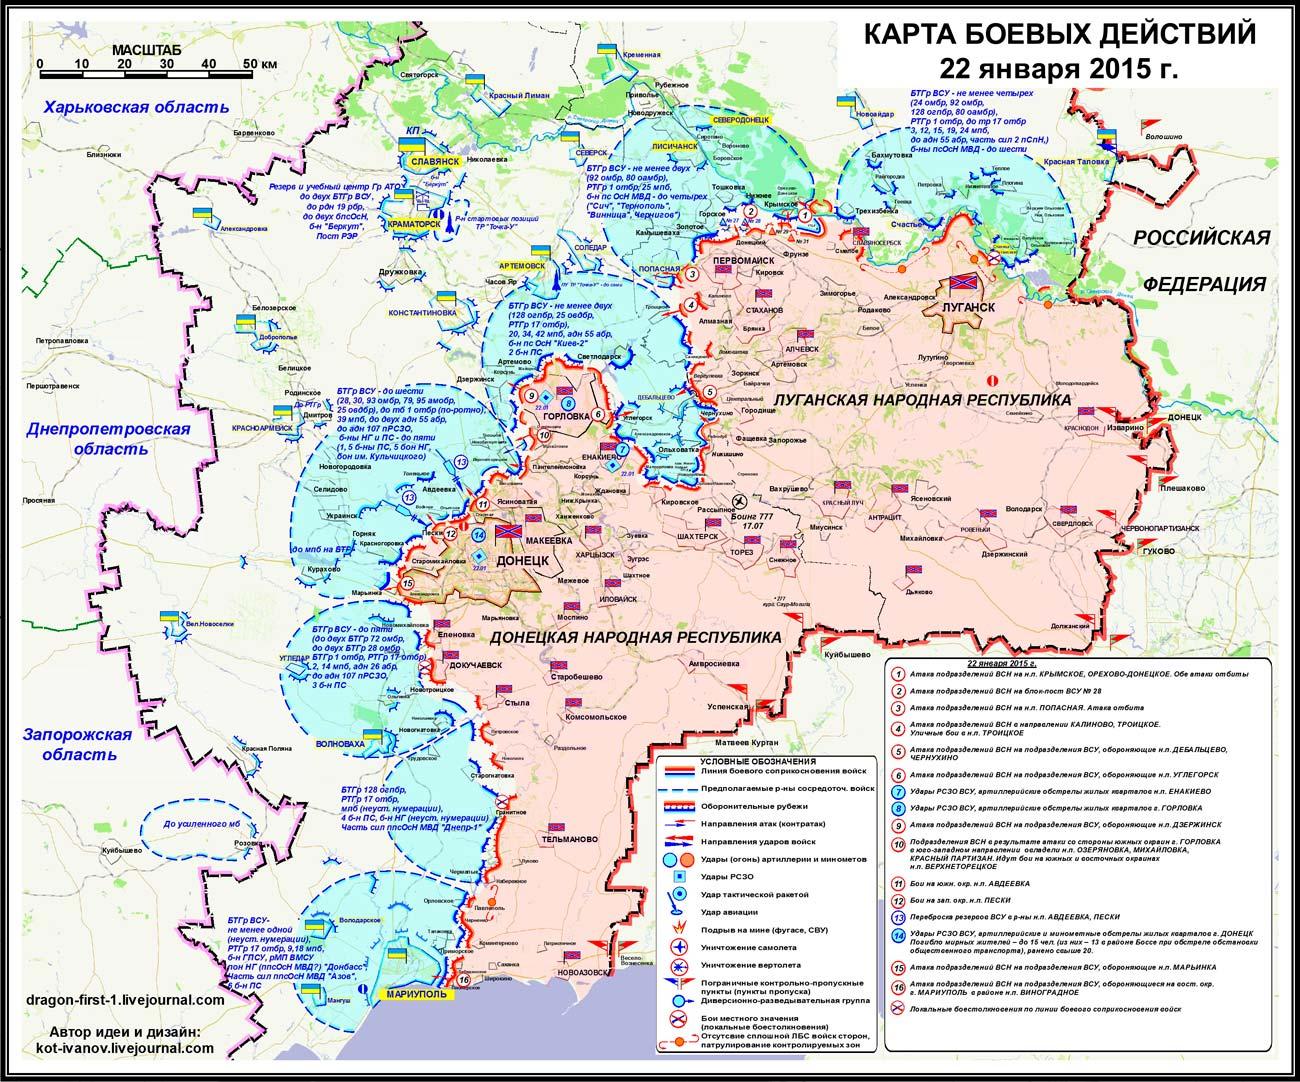 Карта боевых действий в Новороссии за 24 января